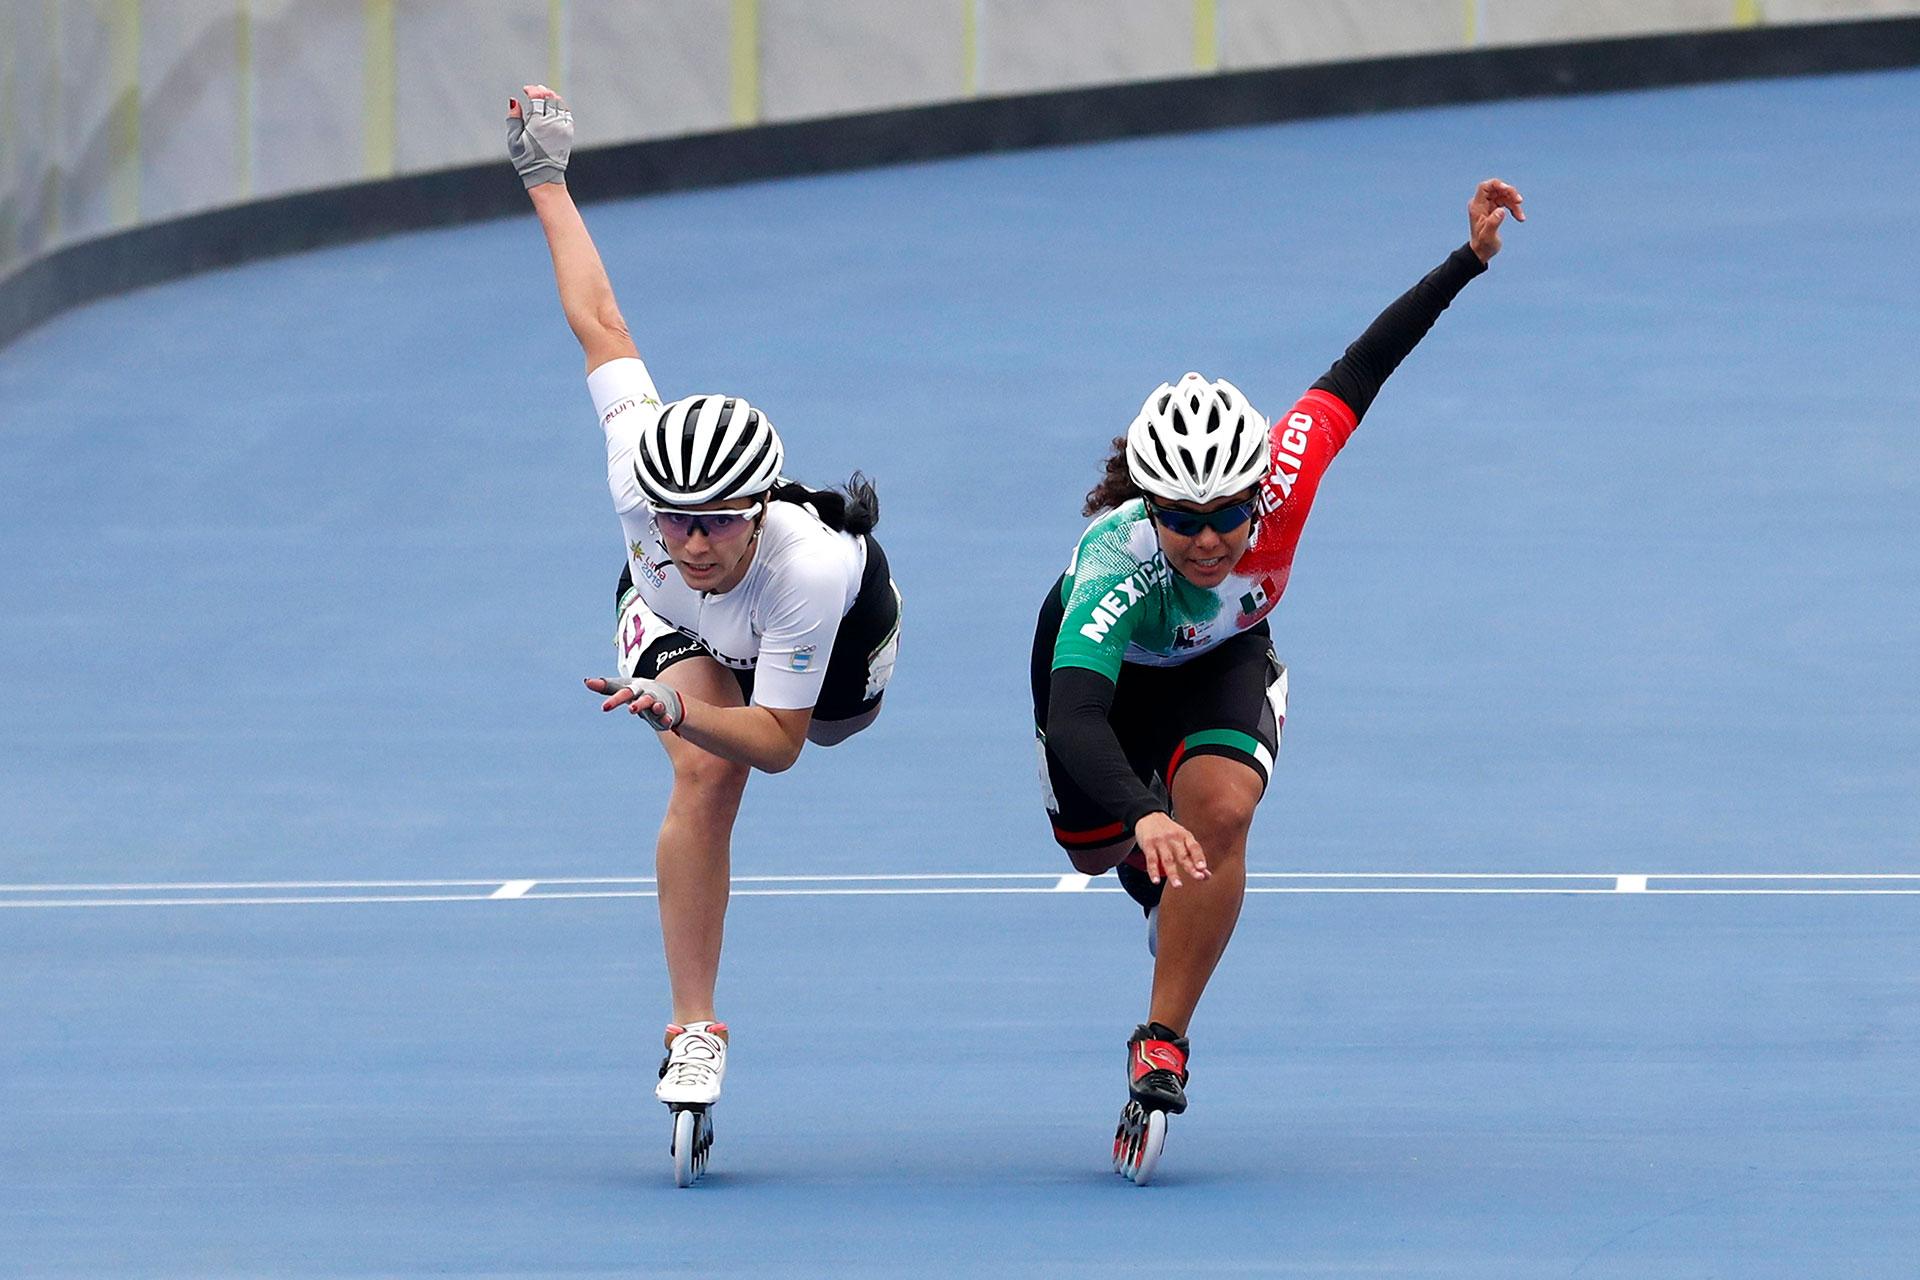 La mexicana Veronica Aracel Elias Alvarado y la argentina Maria Rodriguez López en acción en el patinaje de velocidad